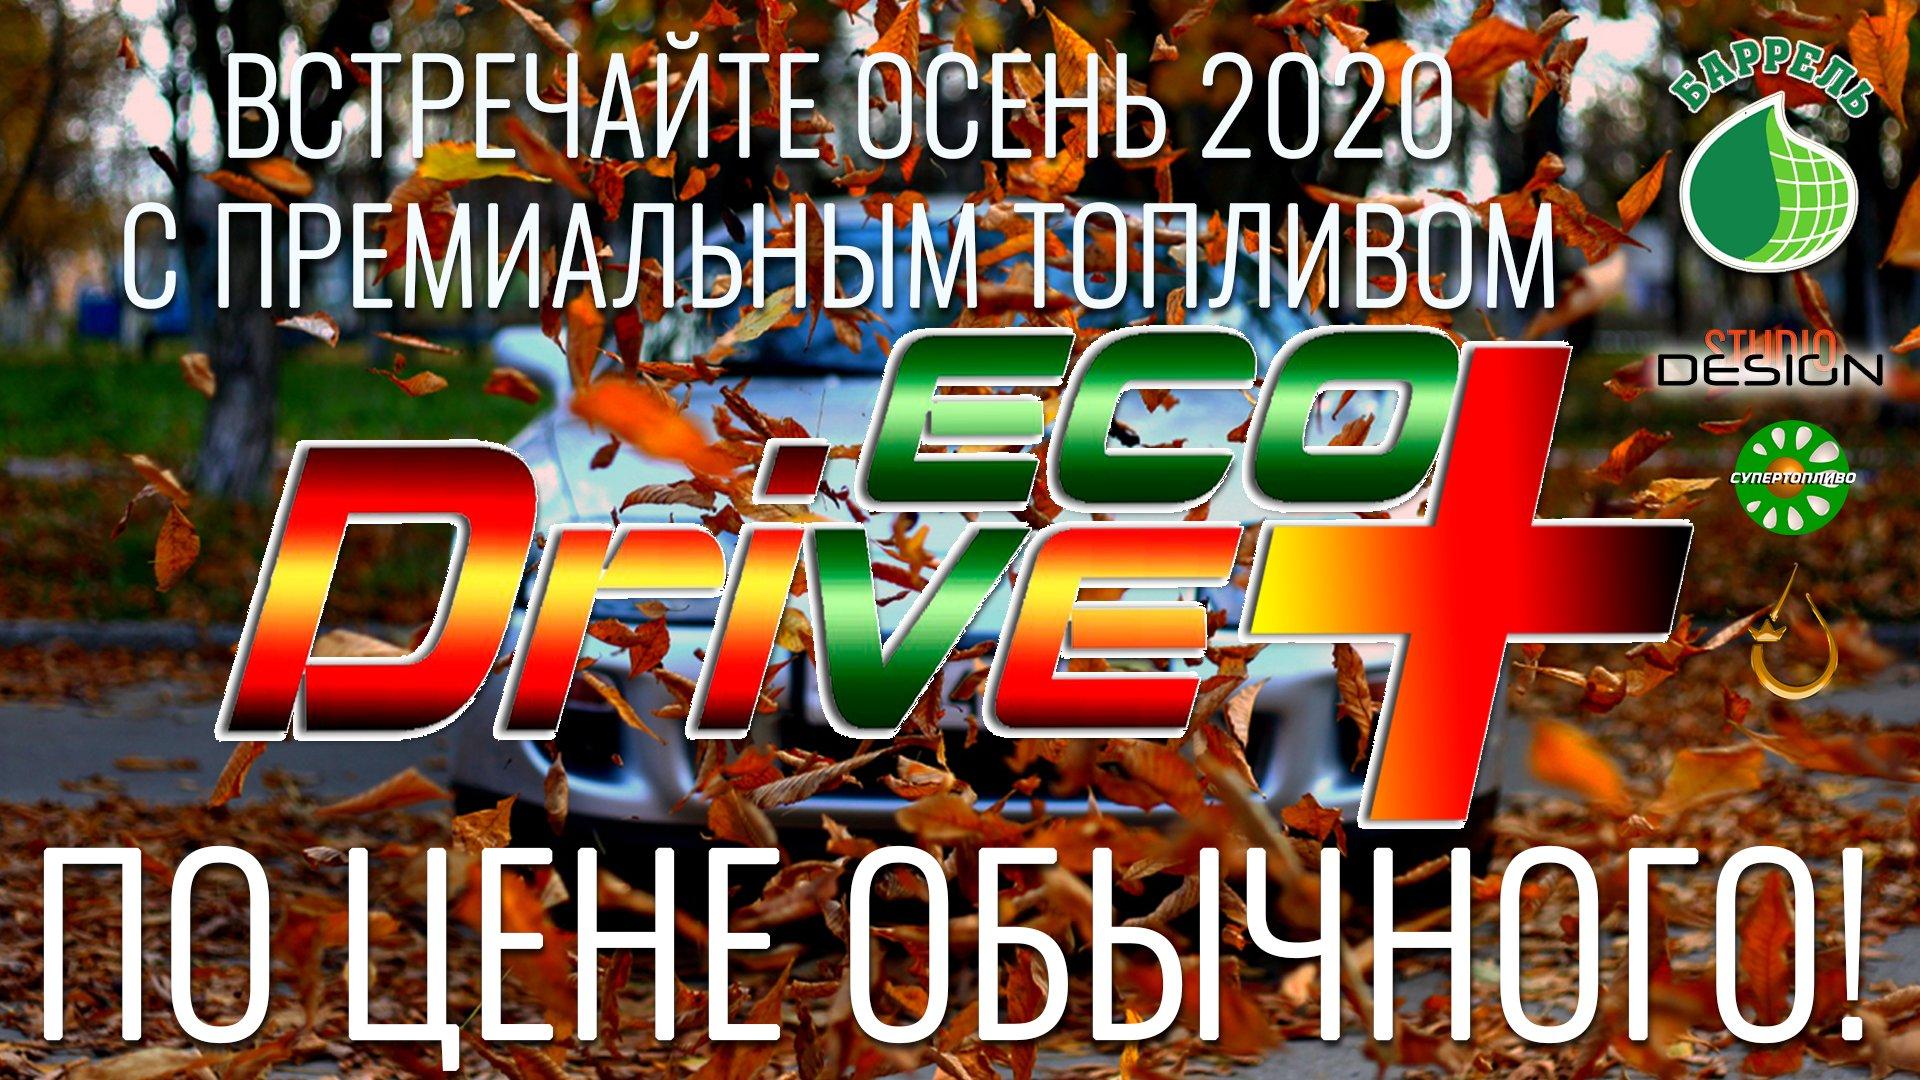 АКЦИЯ ИСХОДНИК ЛЕТО 2020